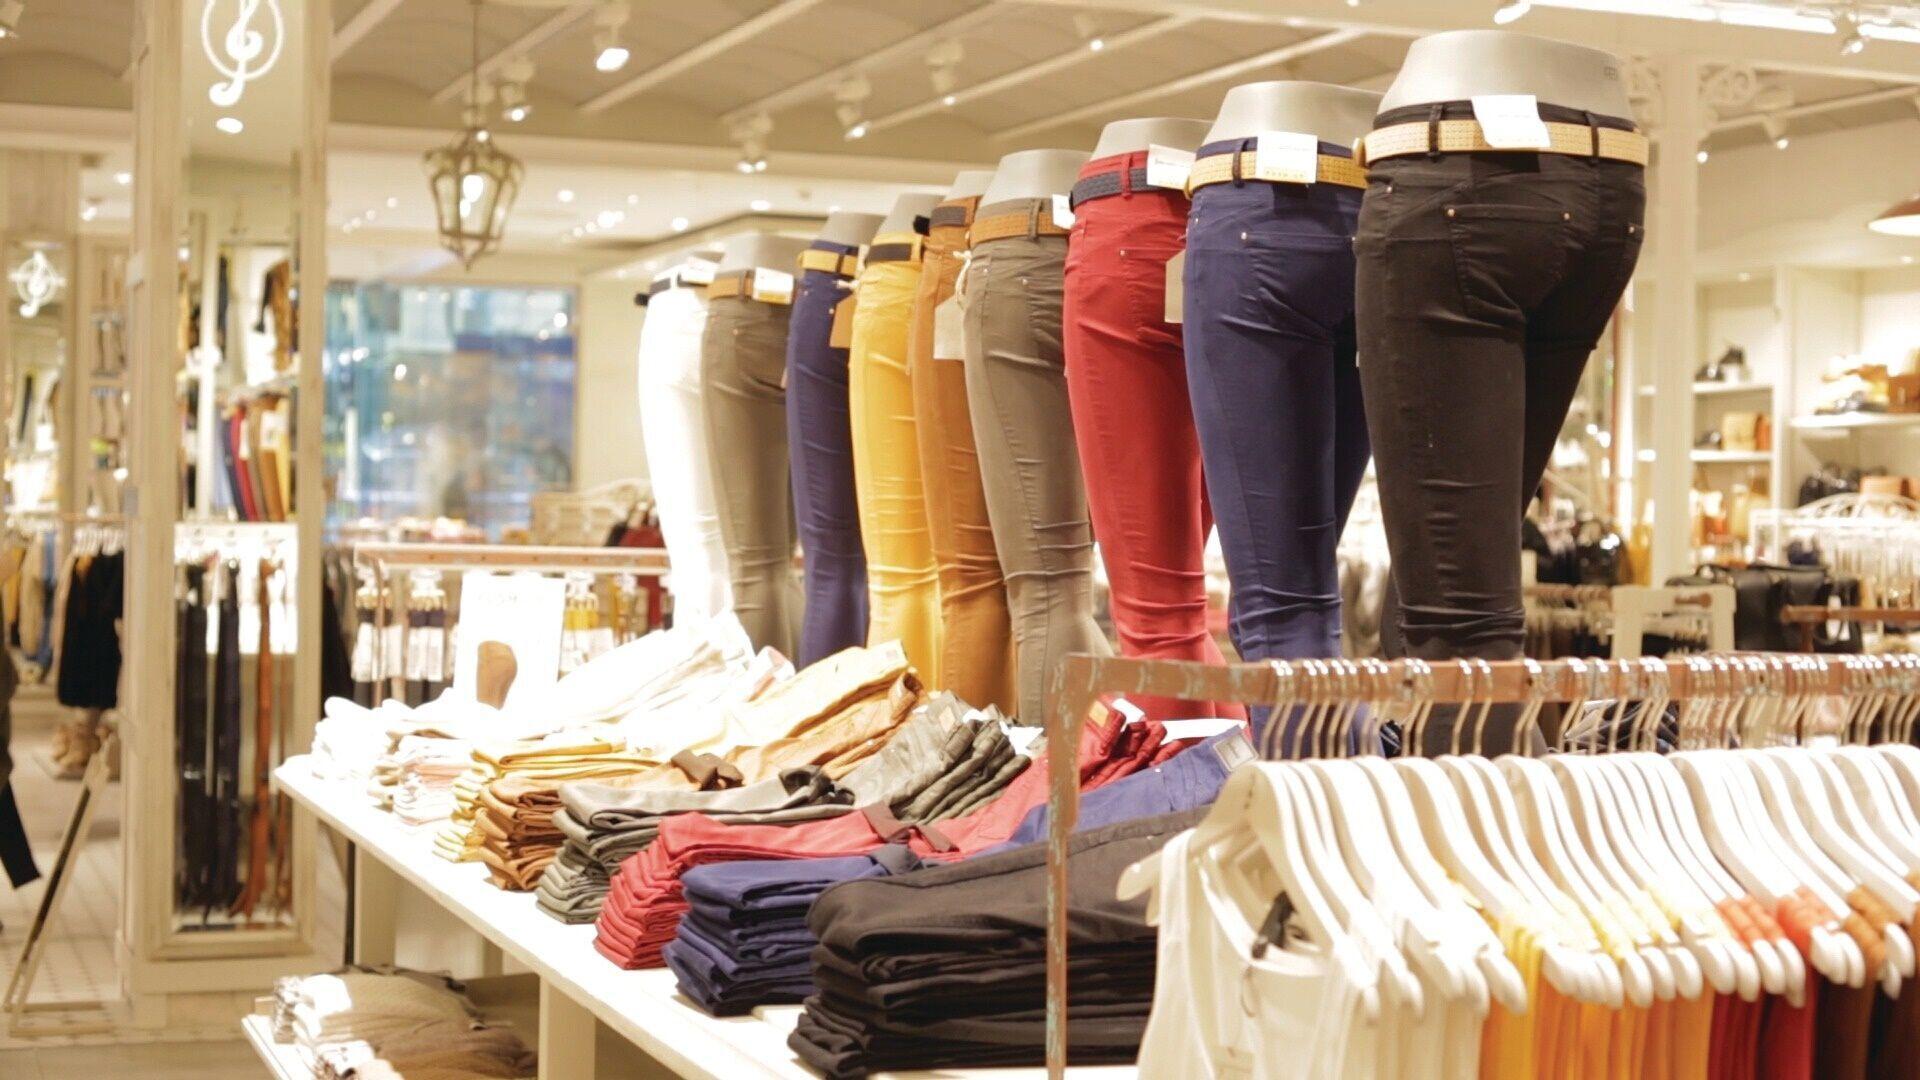 cabides de roupas de marca personalizados